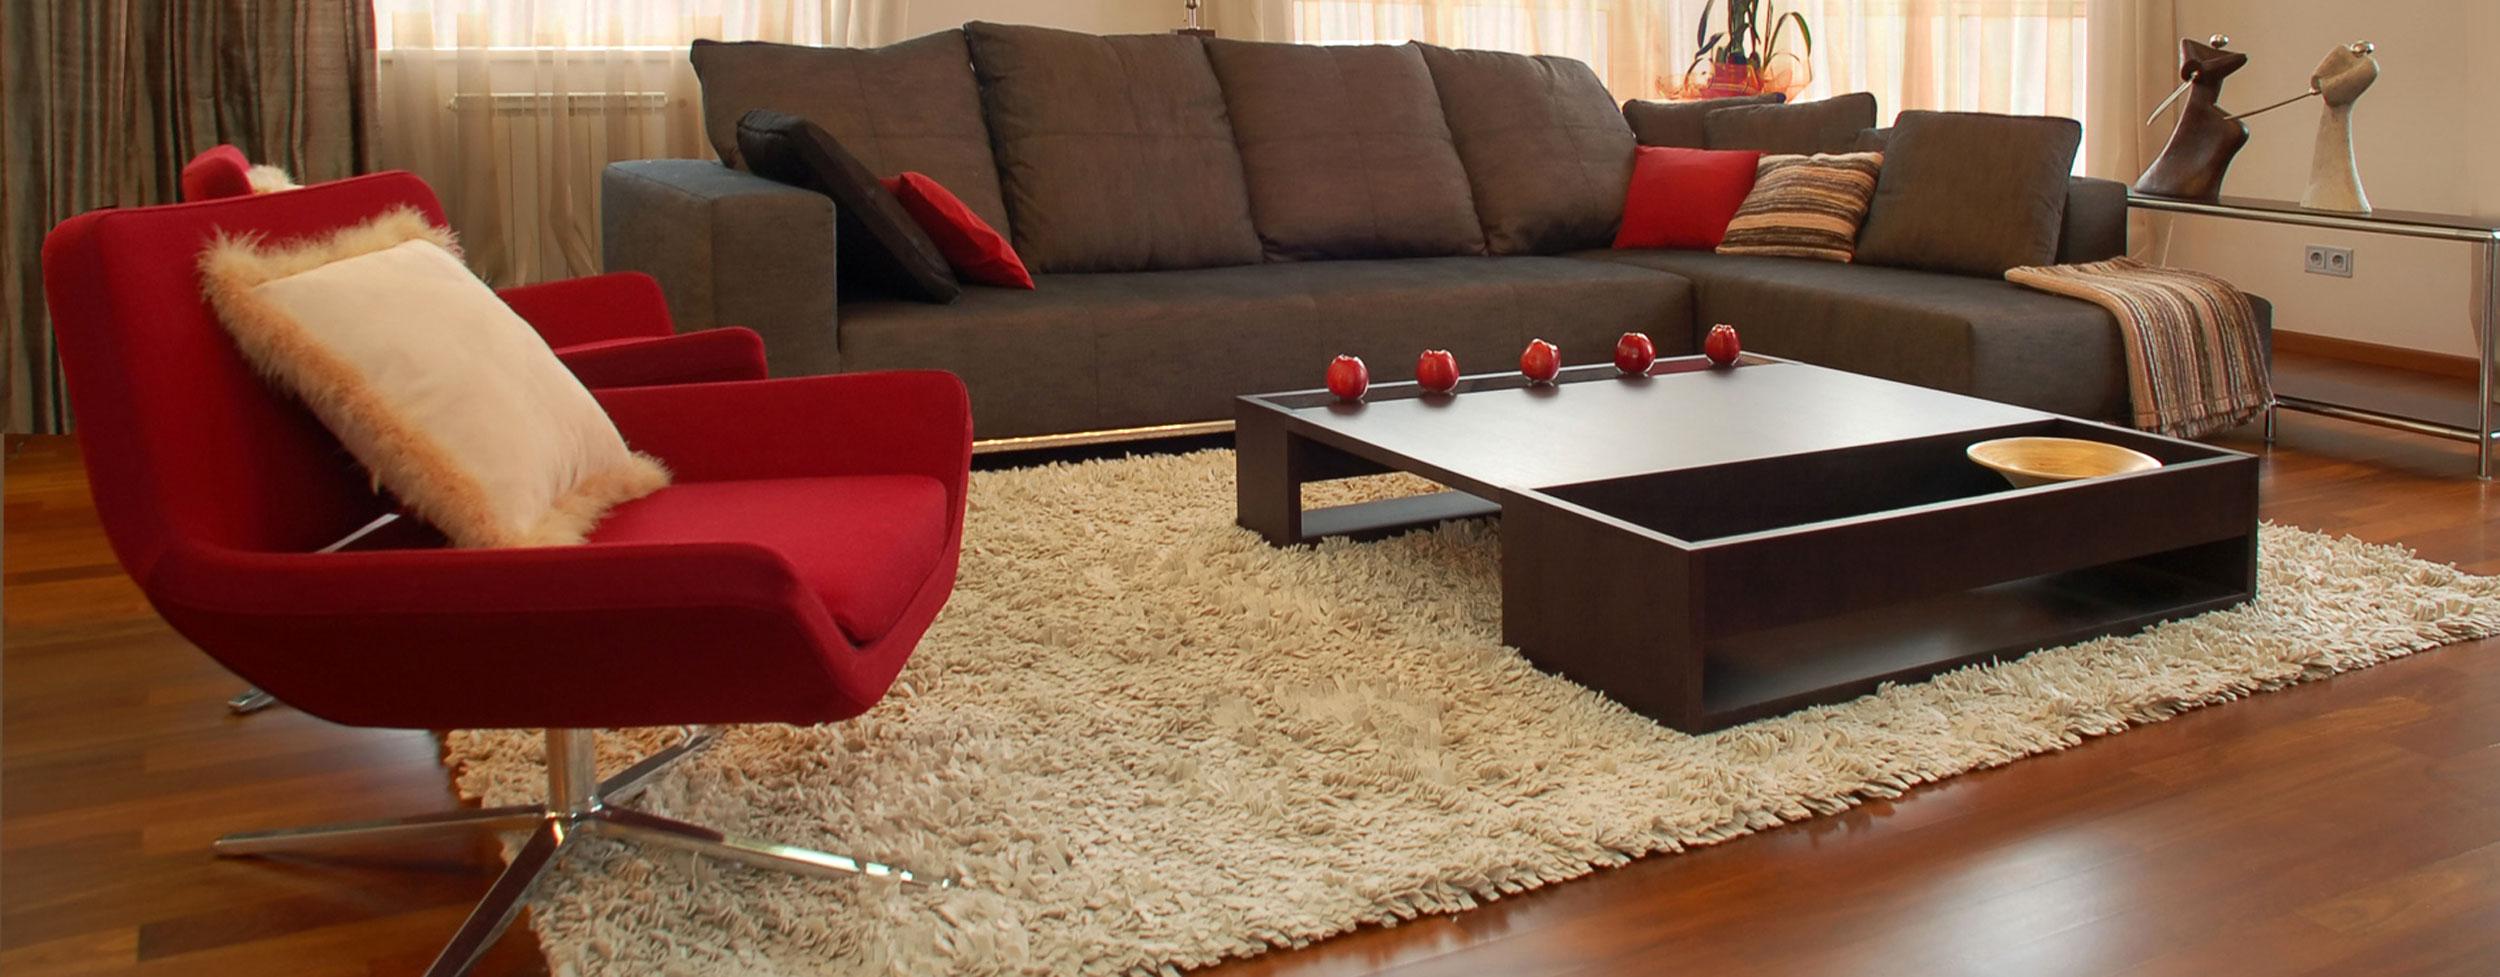 Imagenes de muebles ms de ideas increbles sobre con for Almacenes decoracion bogota